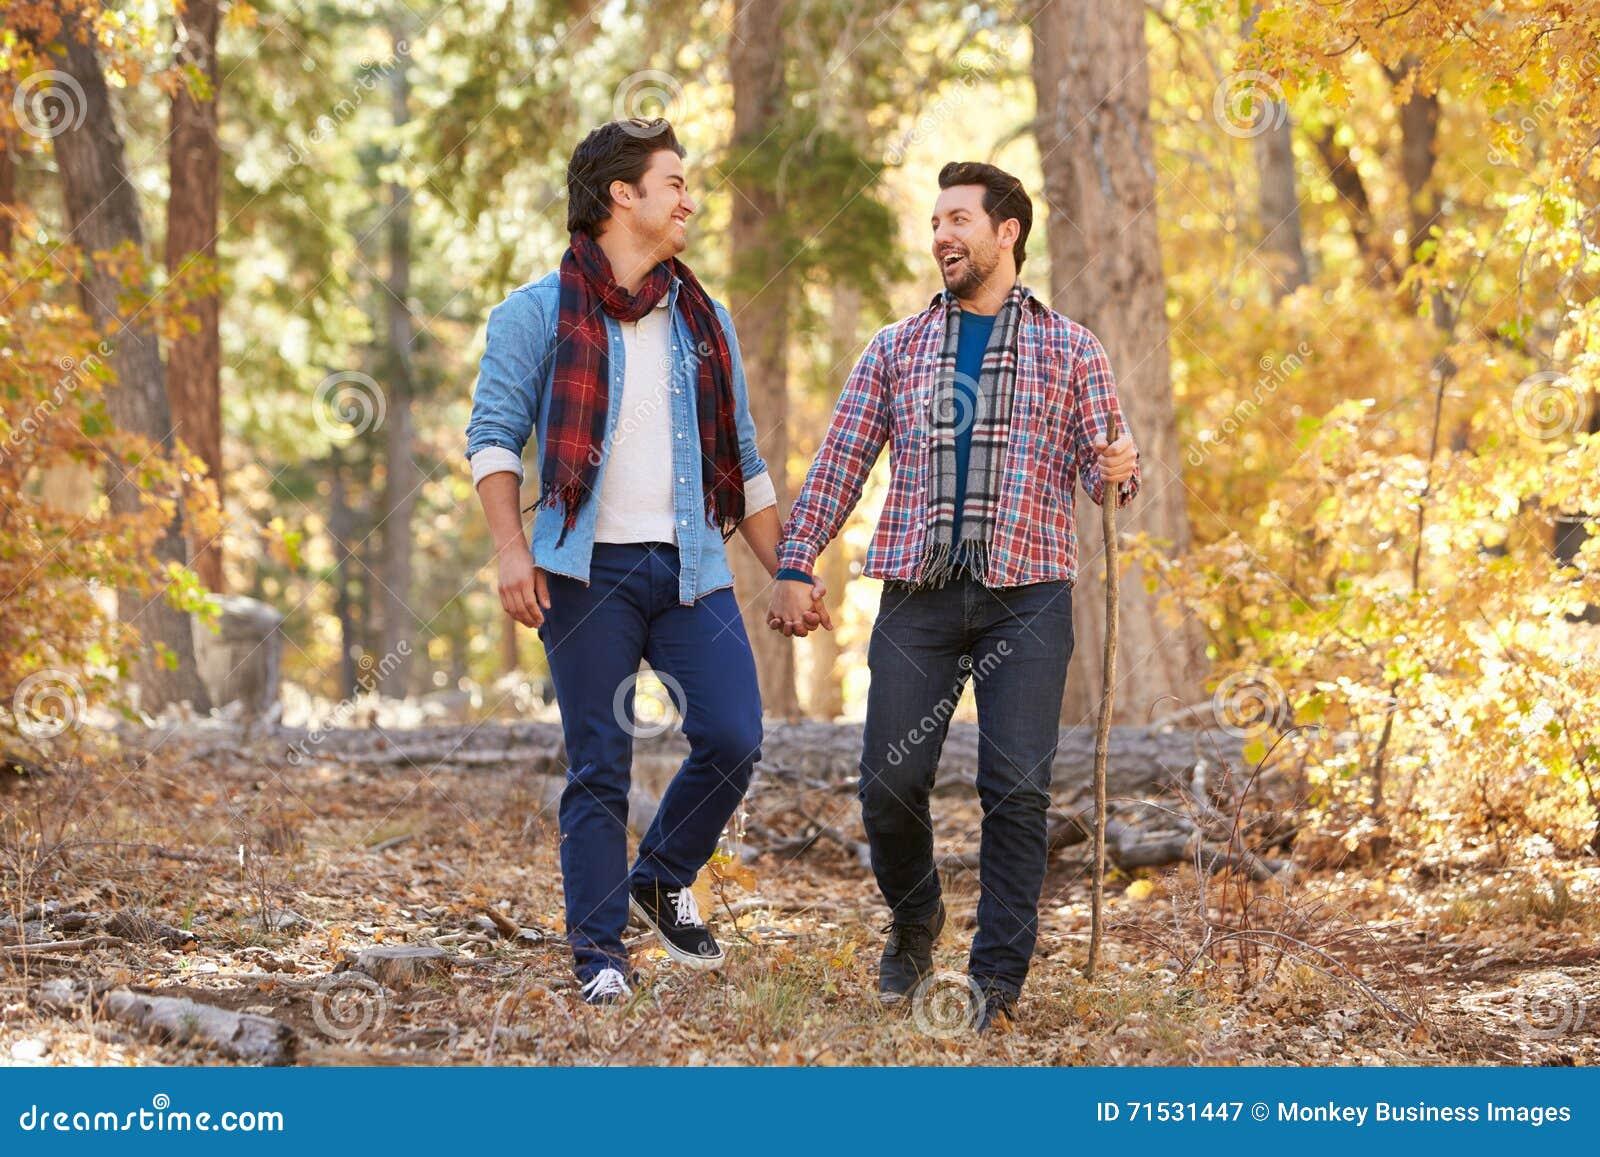 Risultati immagini per autumn gay